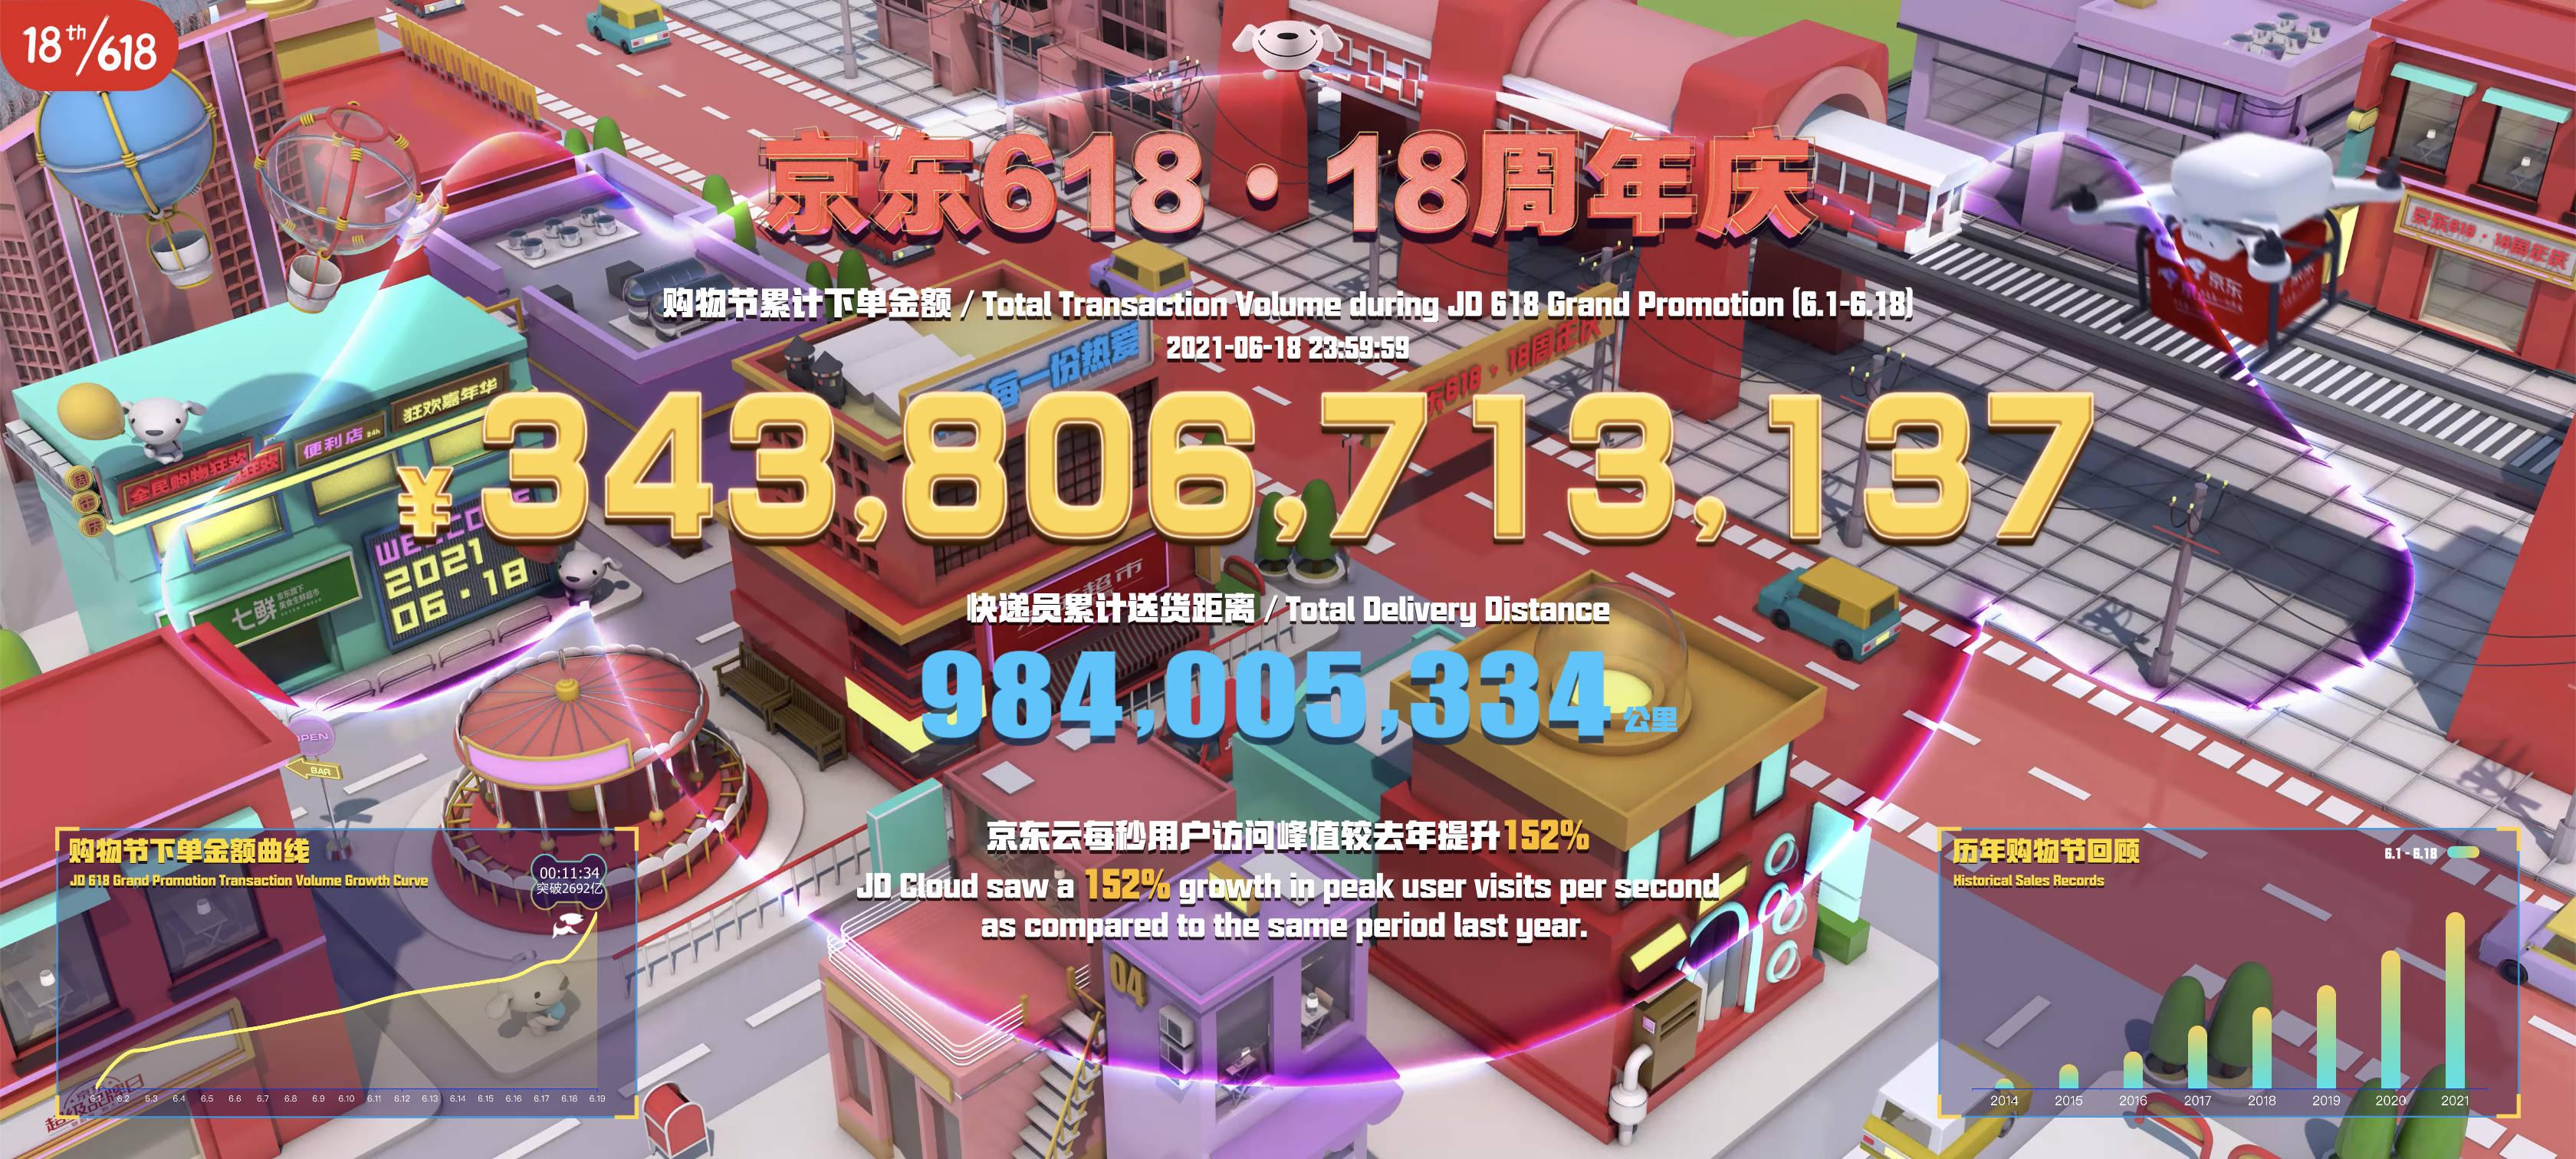 京东618下单金额超3438亿元,同比增长29%